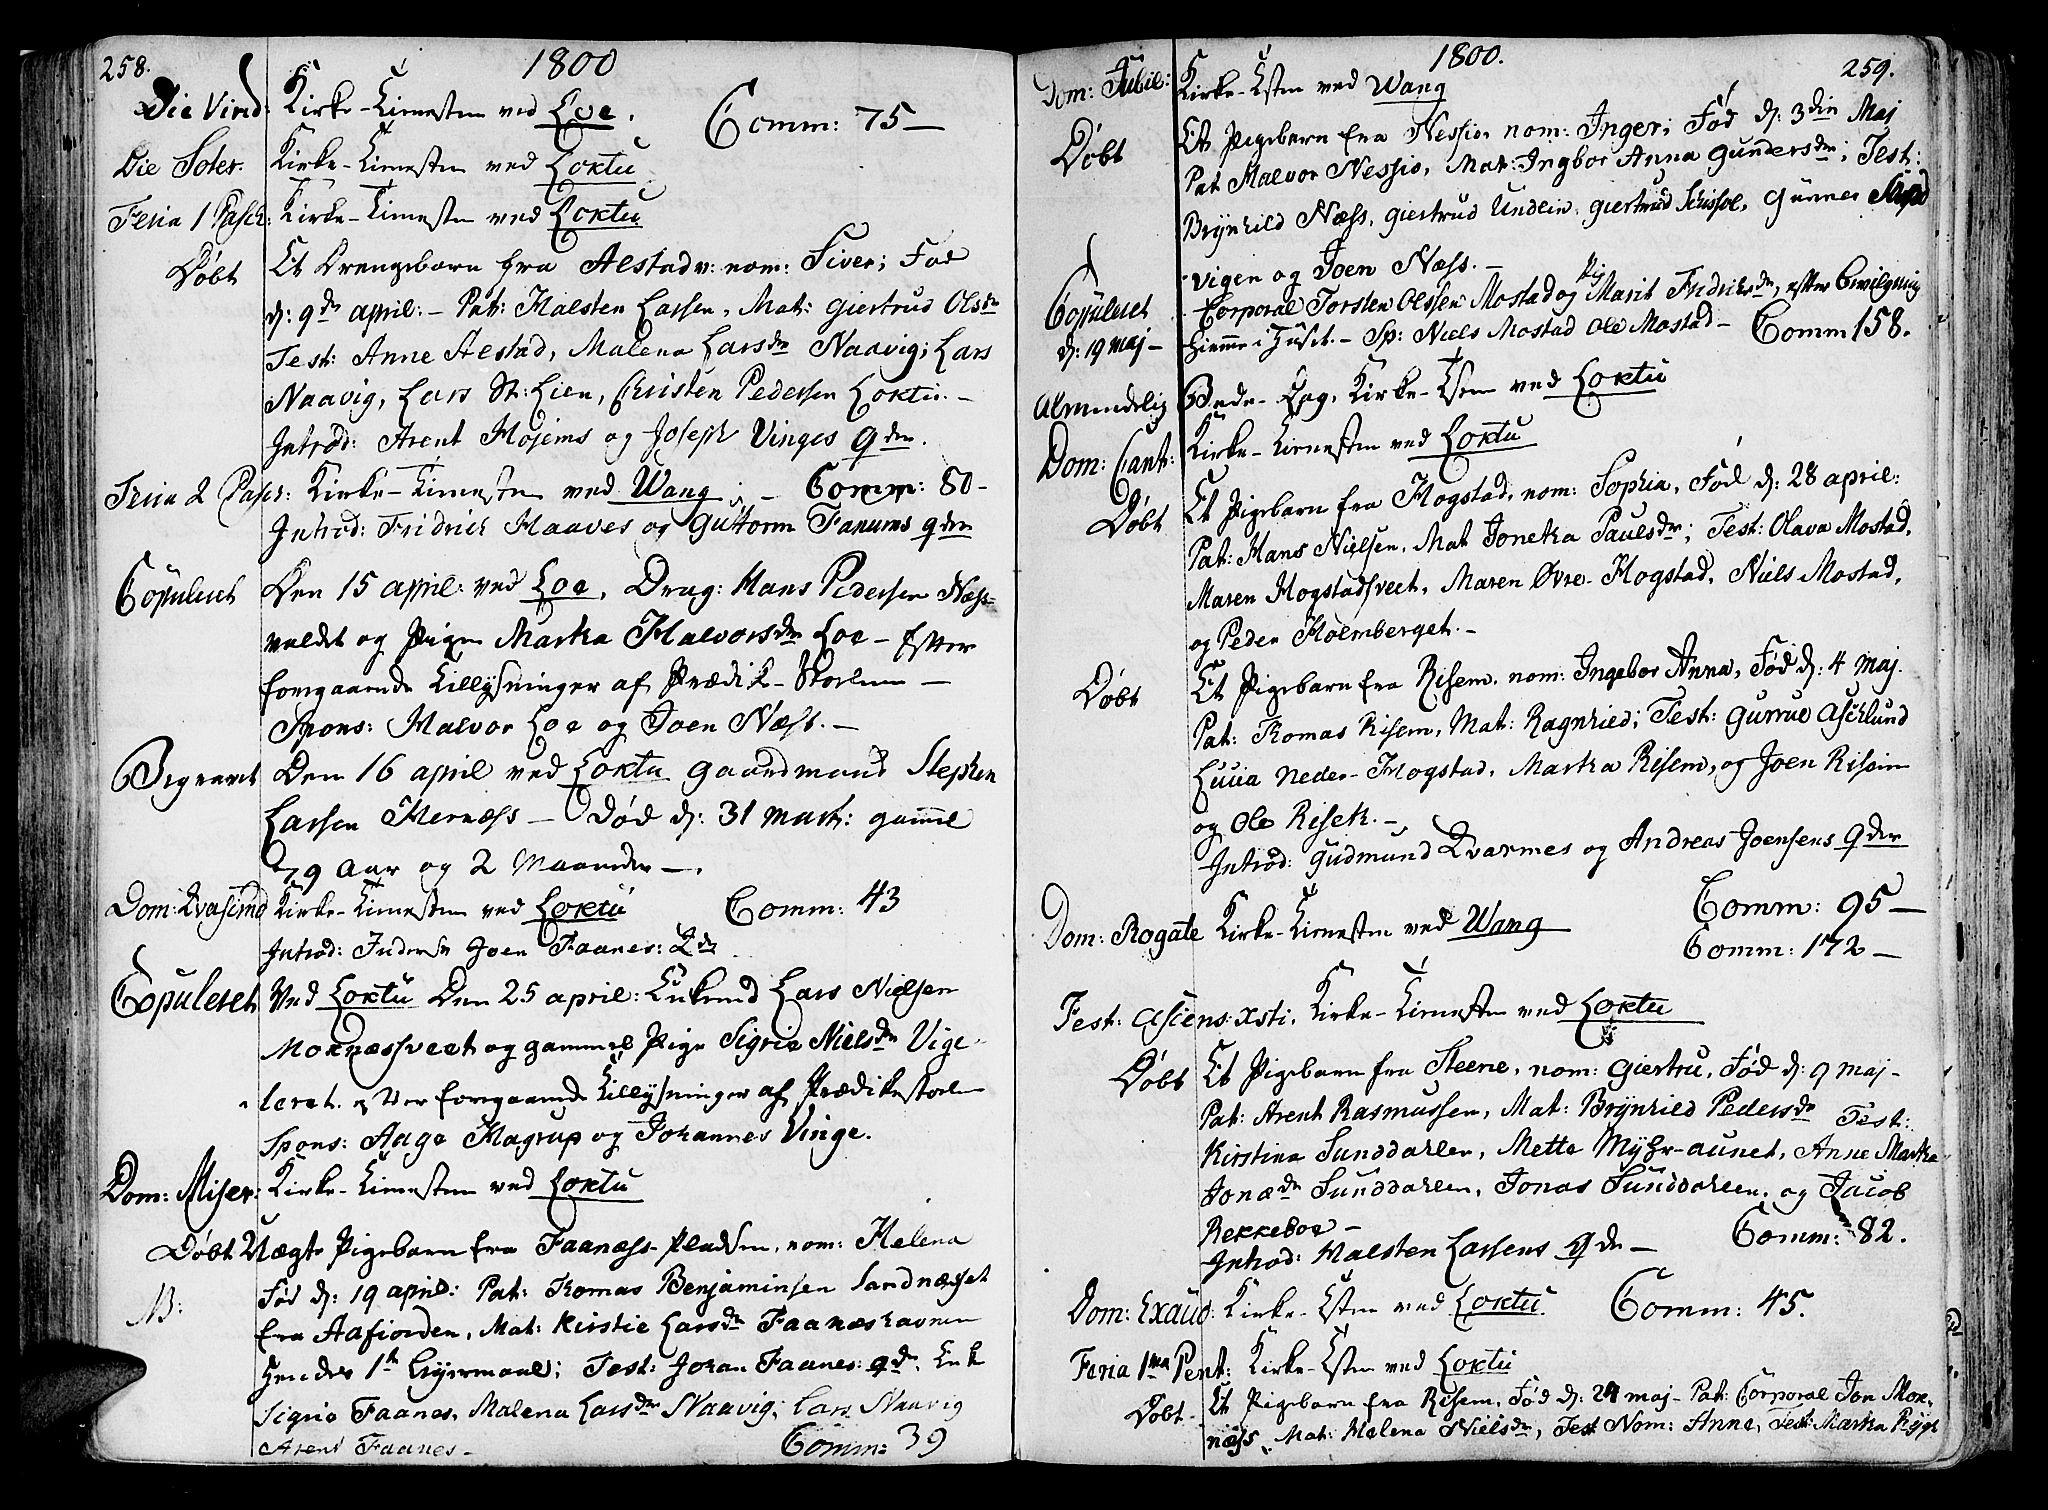 SAT, Ministerialprotokoller, klokkerbøker og fødselsregistre - Nord-Trøndelag, 713/L0110: Ministerialbok nr. 713A02, 1778-1811, s. 258-259